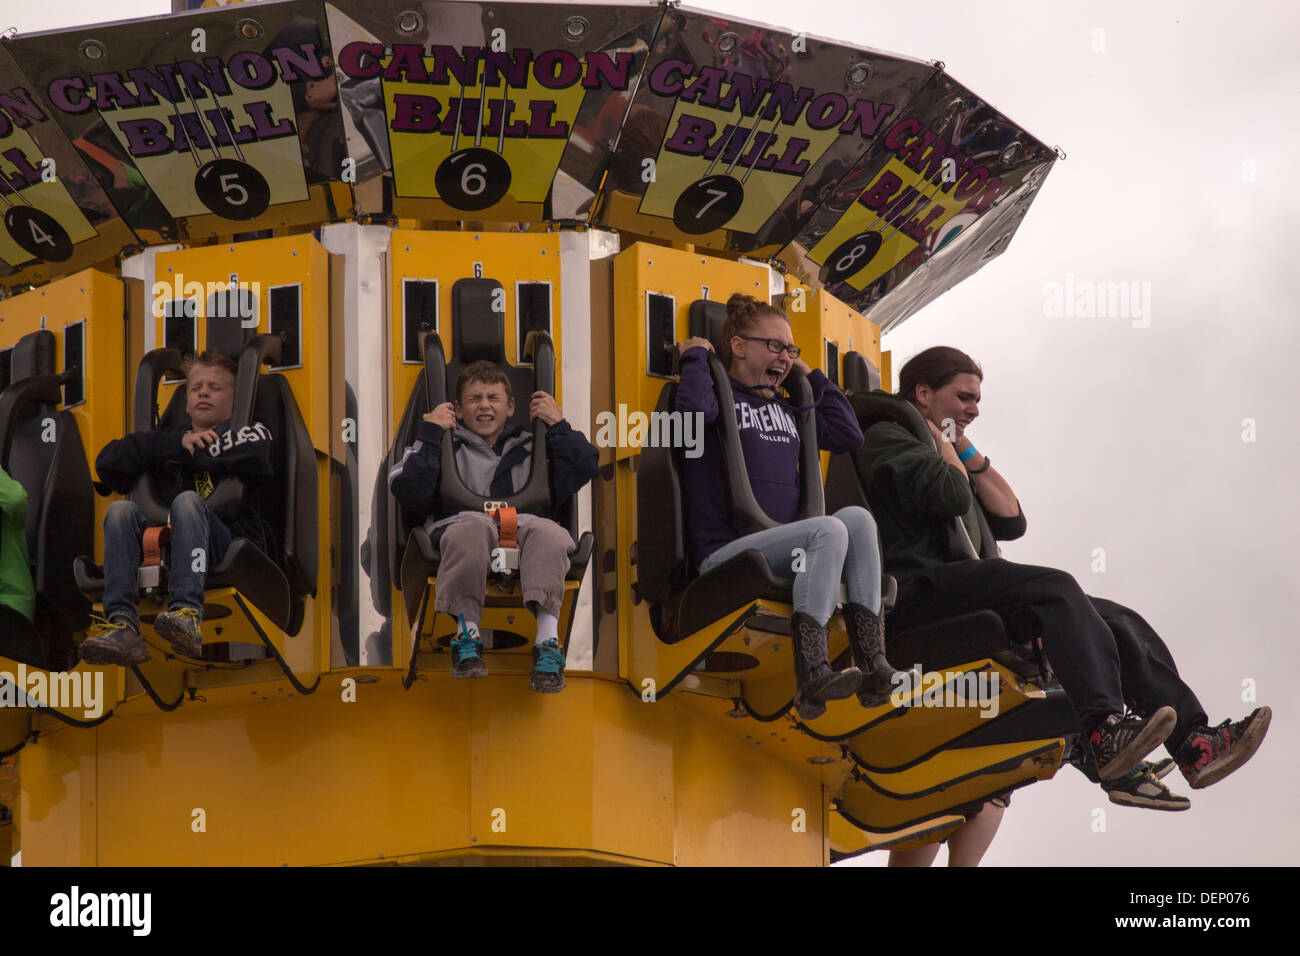 tower-ride-at-lindsay-fair-and-exhibition-in-kawartha-lakes-DEP076.jpg